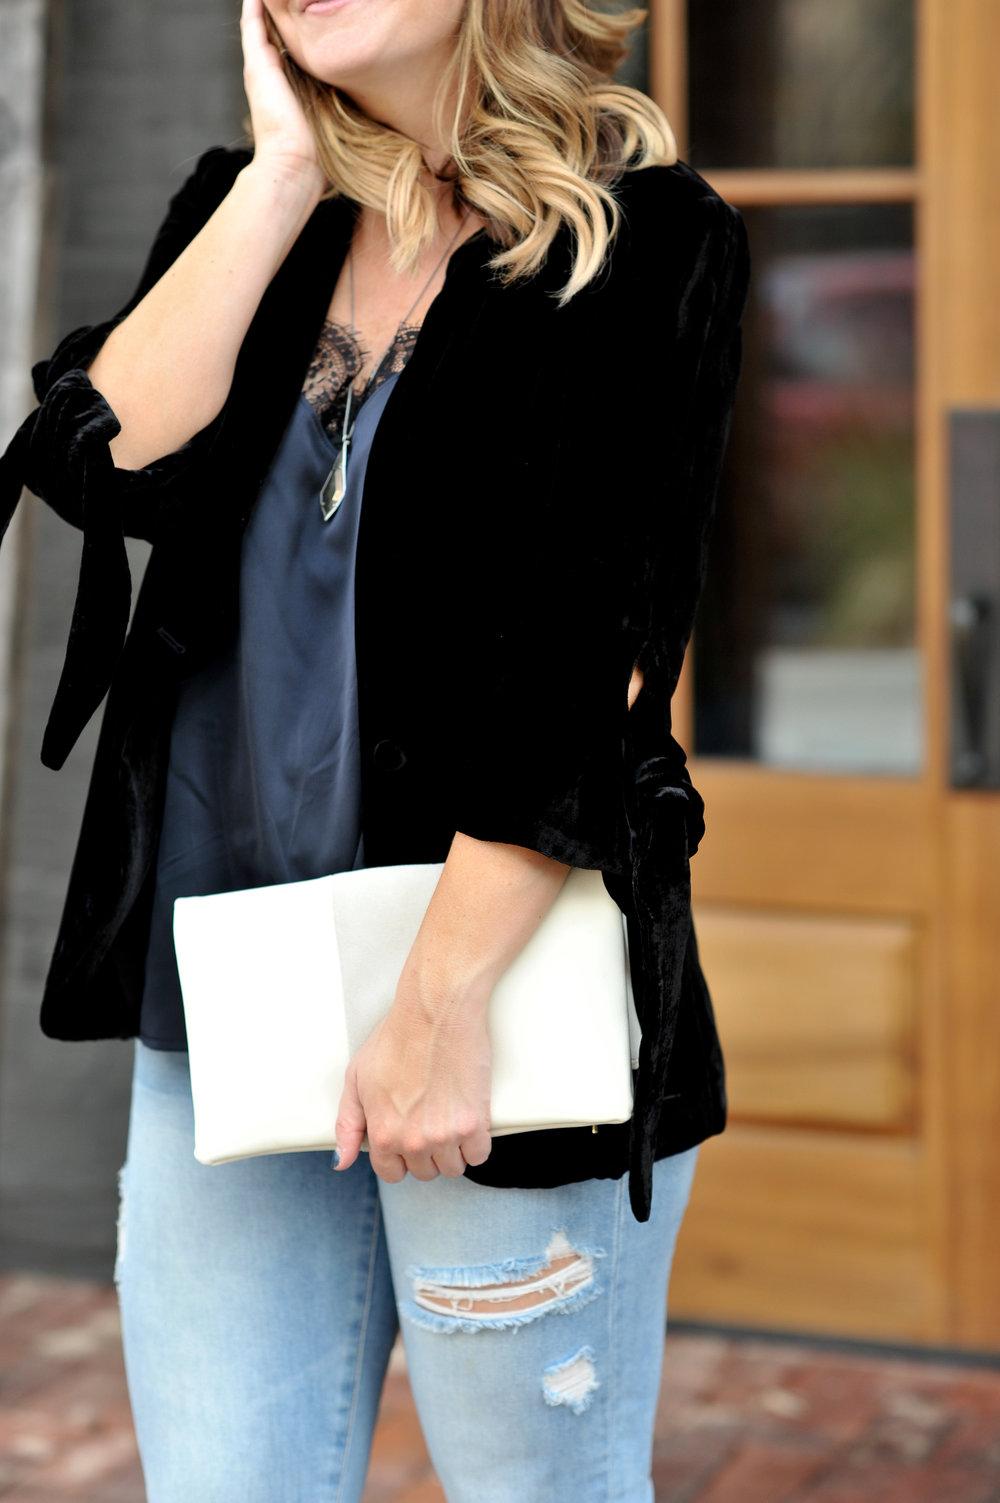 halogen blazer | halogen camisole | kendra scott pendant | blanknyc jeans (similar here) | stuart weitzman heels | bp clutch